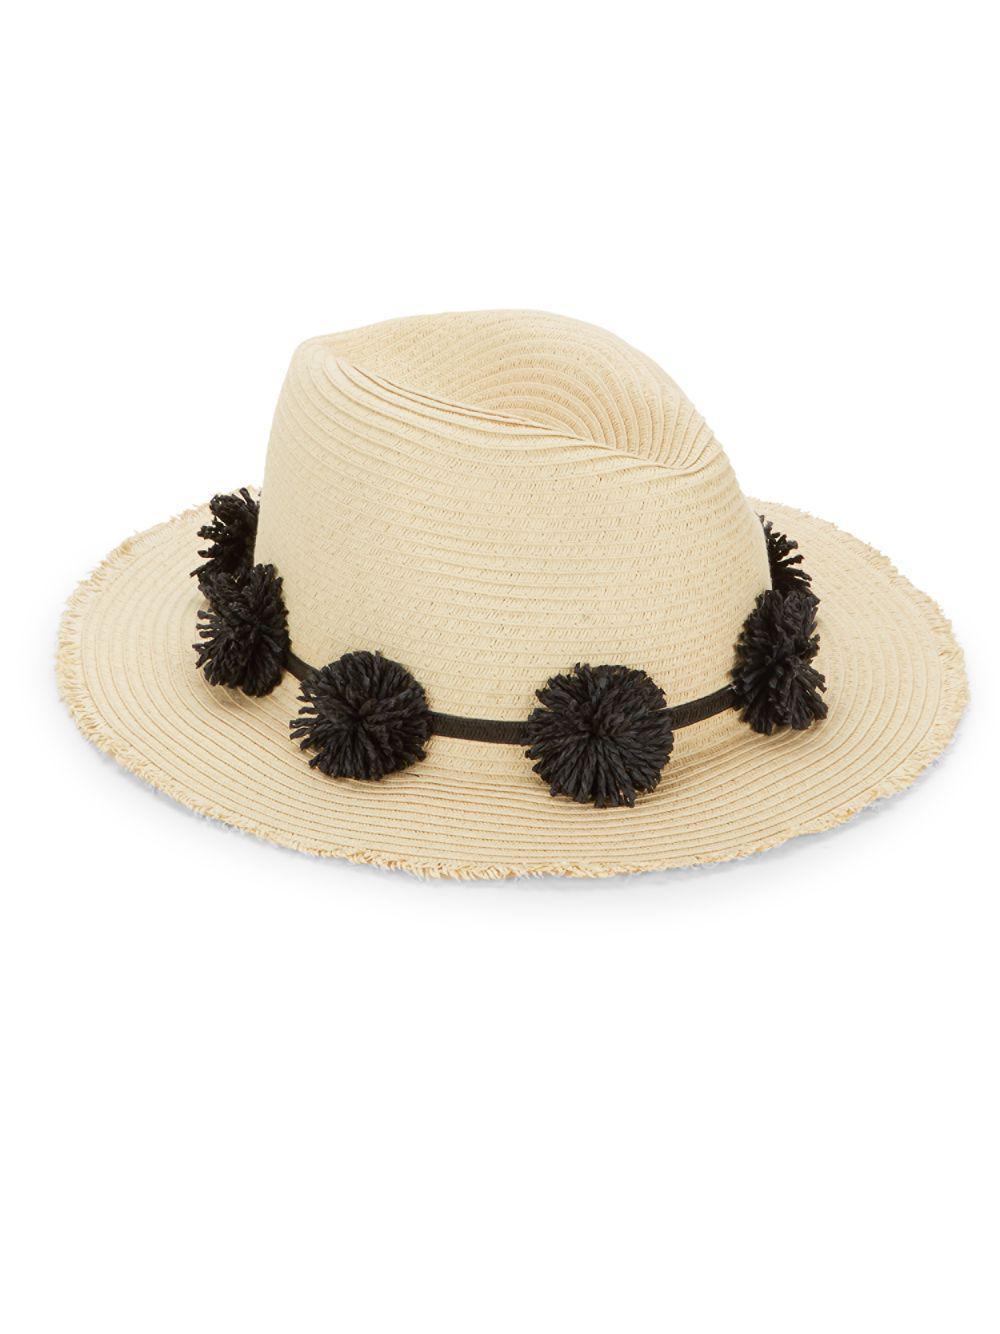 91efdc49906b2 Ava   Aiden. Women s Pom-pom Fedora Hat